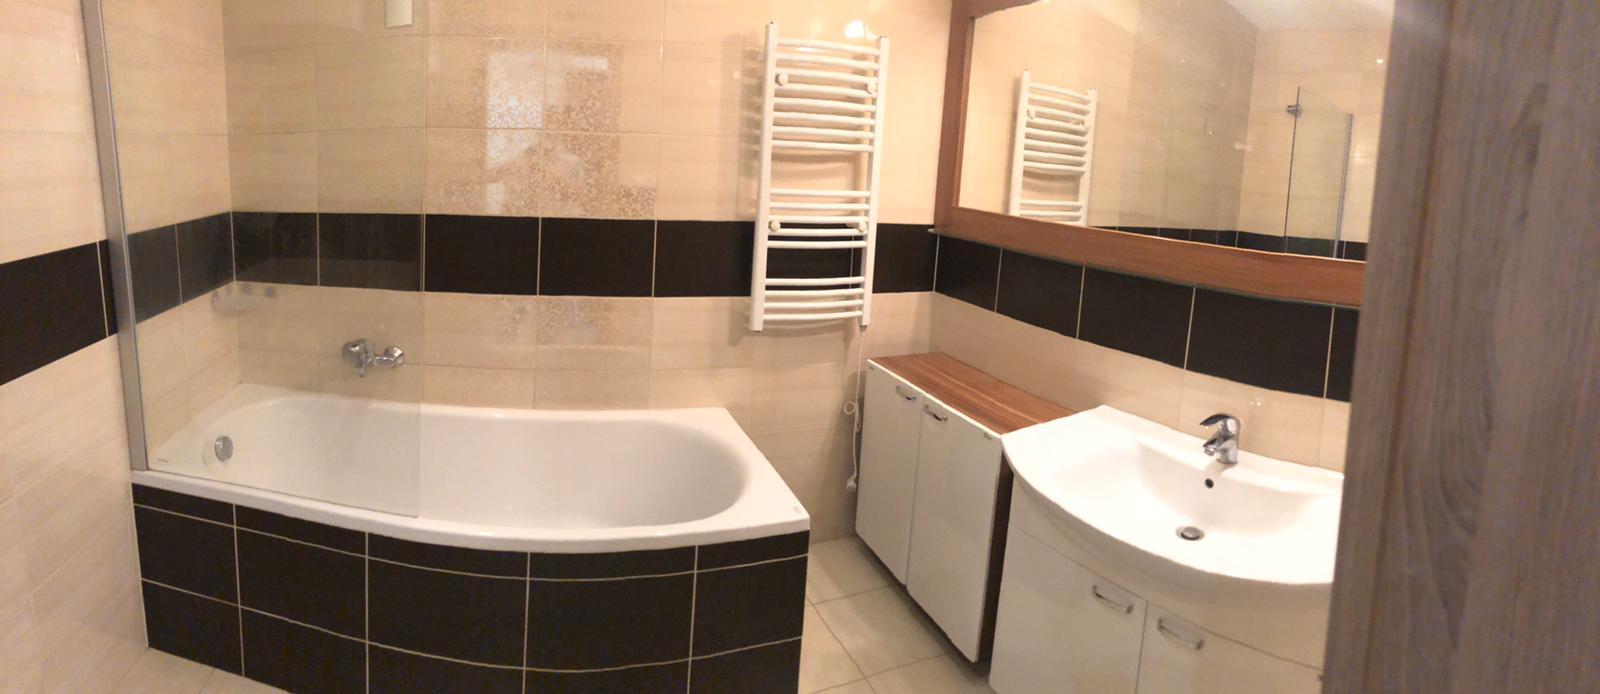 Prenajaté: Prenájom 2 izb. byt, Luxusne zariadeny, v tichej lokalite, Brnianska 4, nad Farbičkou, Malacky,-13